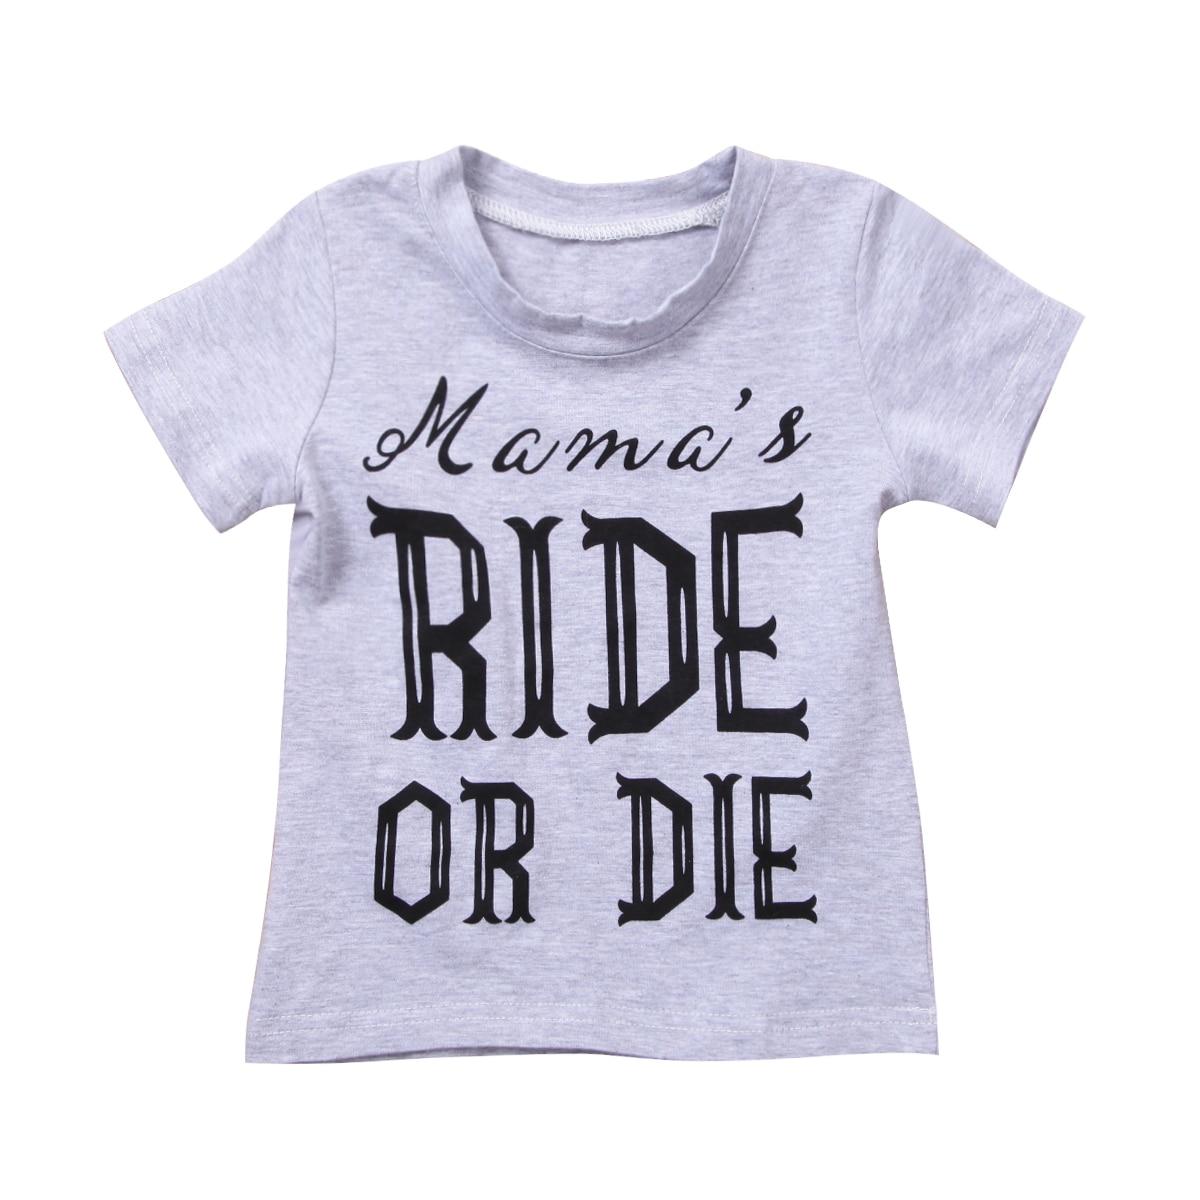 Для новорожденных мальчиков и девочек с коротким рукавом хлопковые футболки новая детская одежда с надписями футболка От 1 до 6 лет